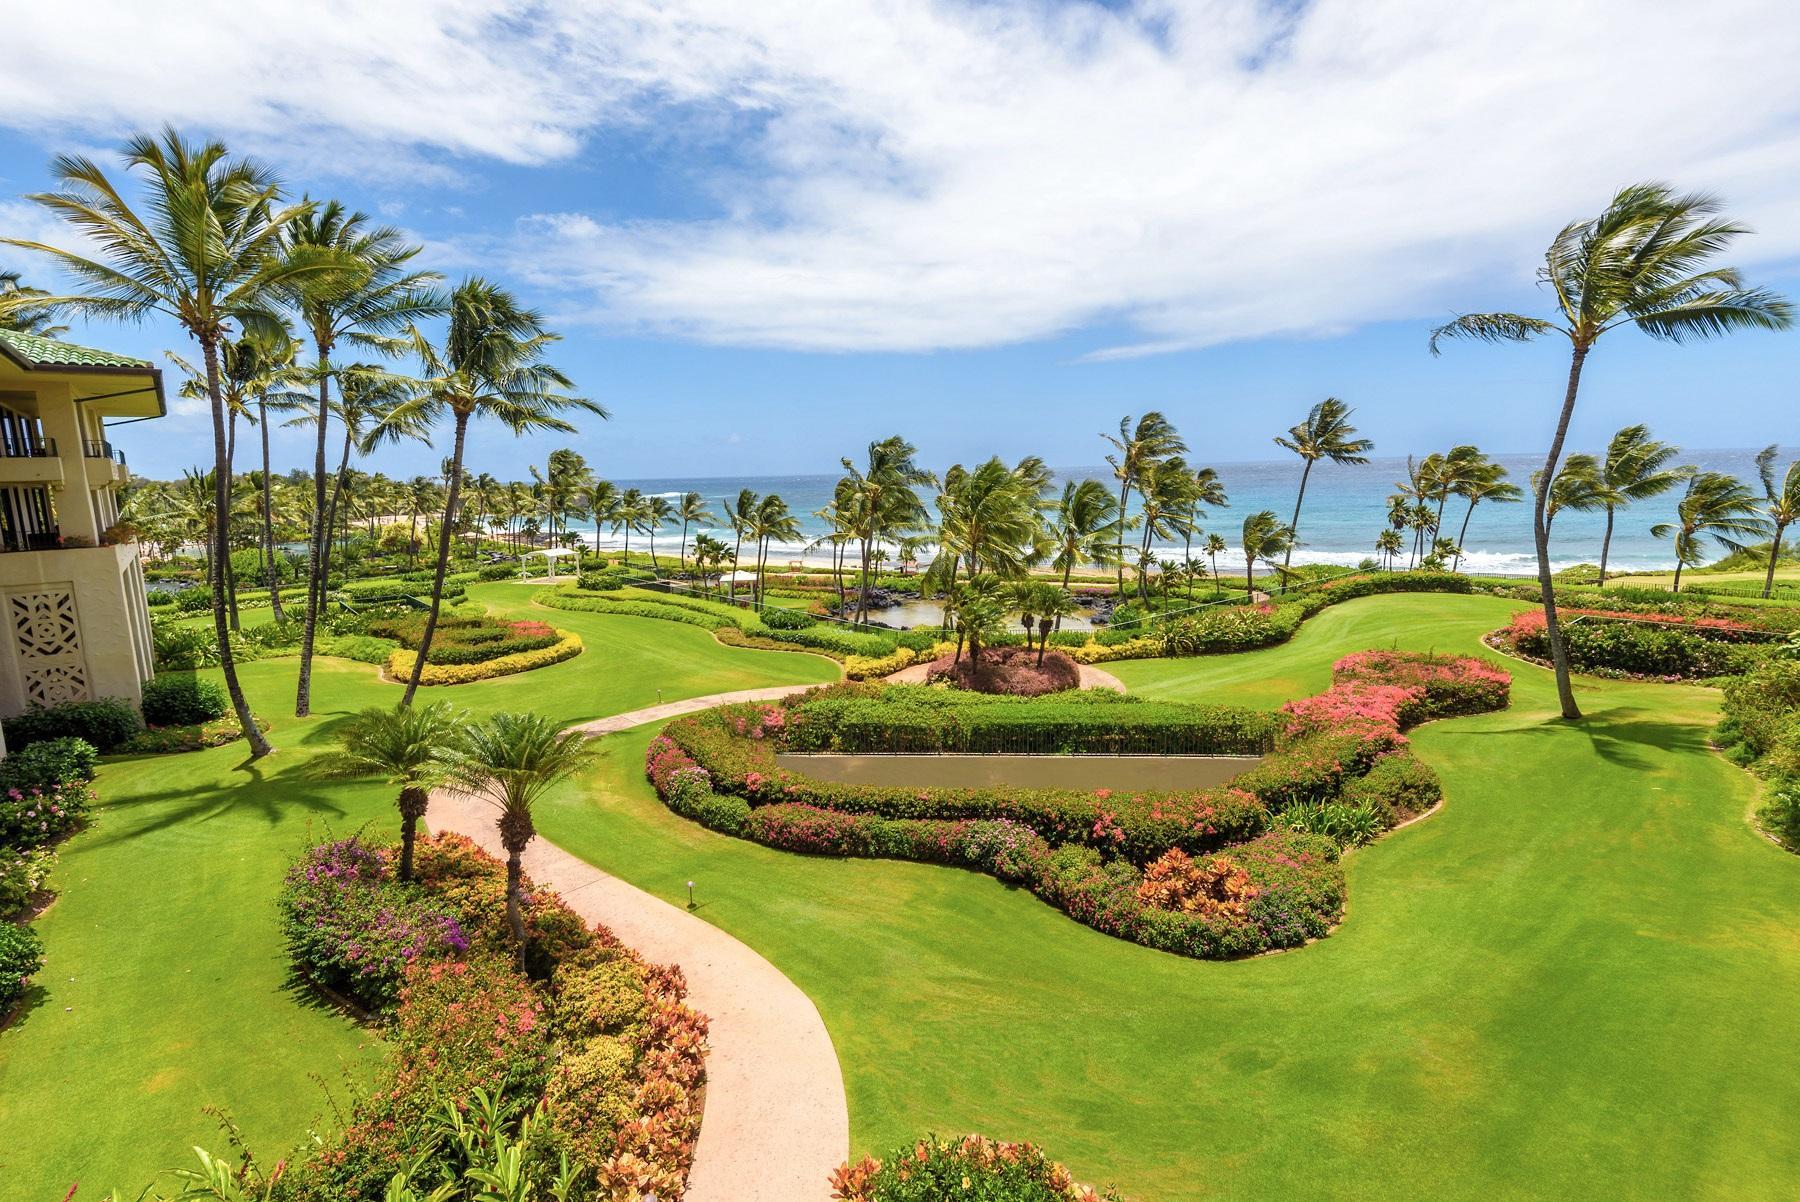 Grand Hyatt Kauai Resort & Spa   Carefree Vacations